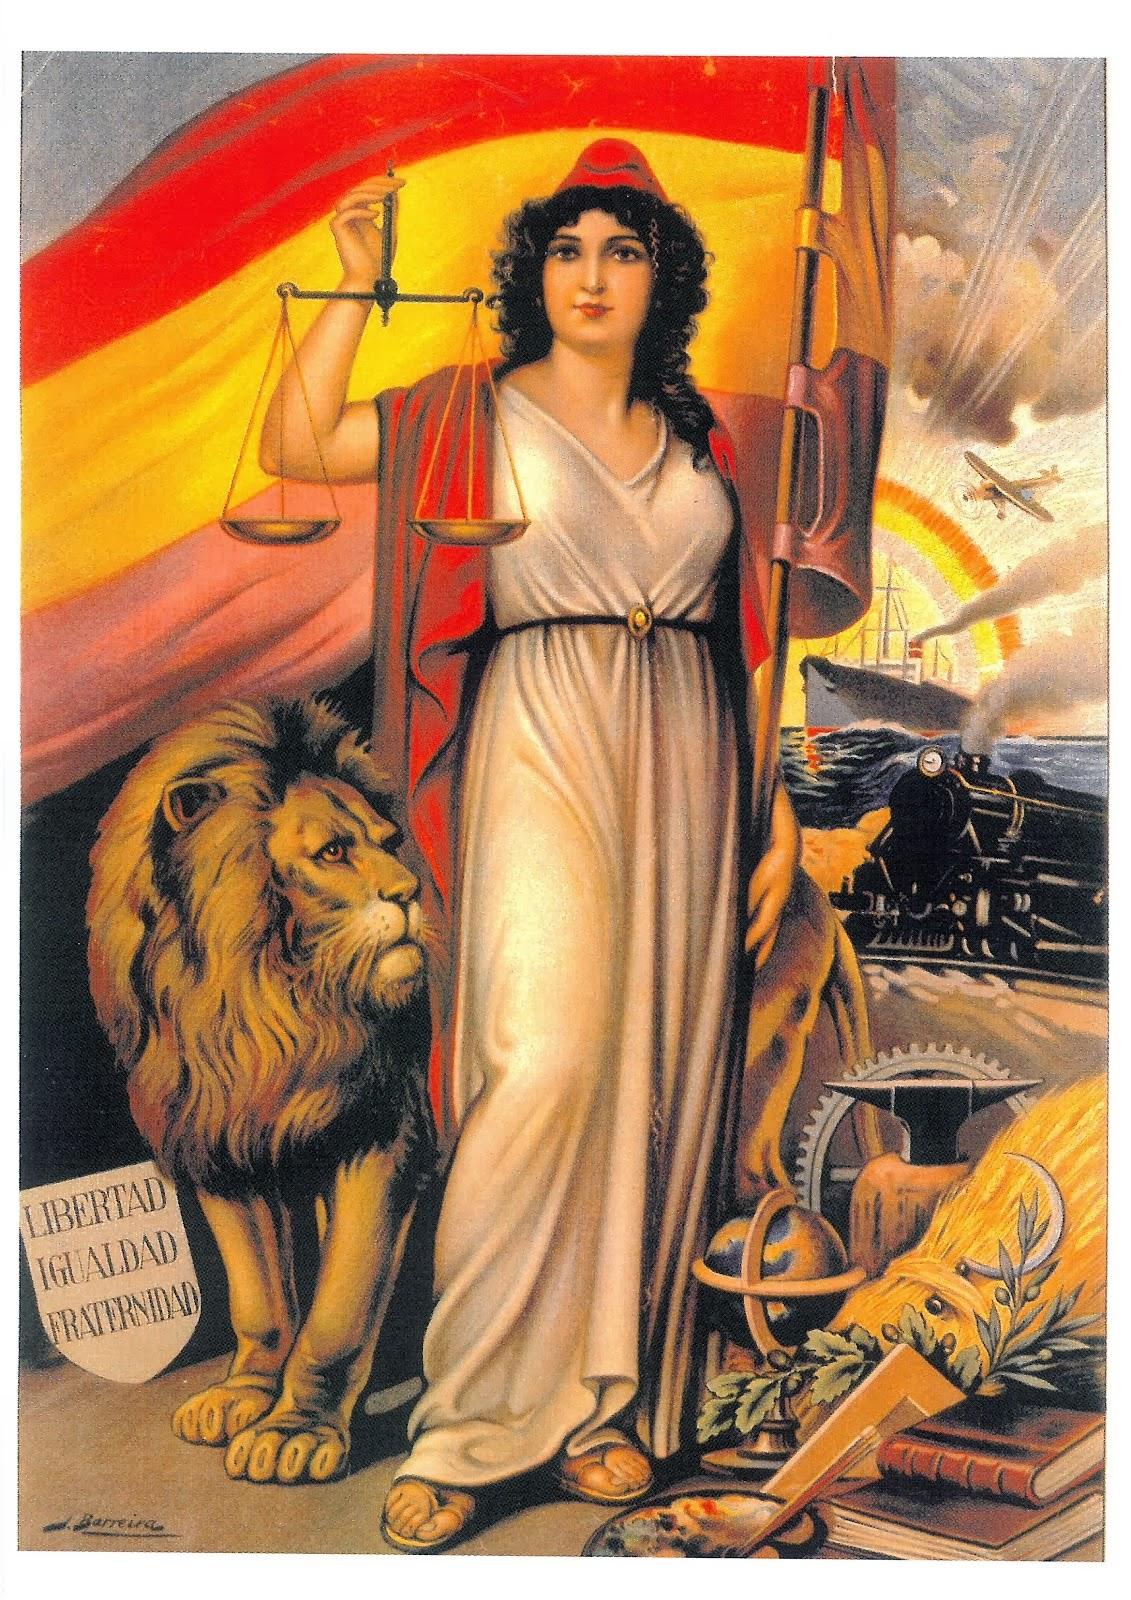 ALEGORÍA DE LA REPÚBLICA ESPAÑOLA (Contraportada)